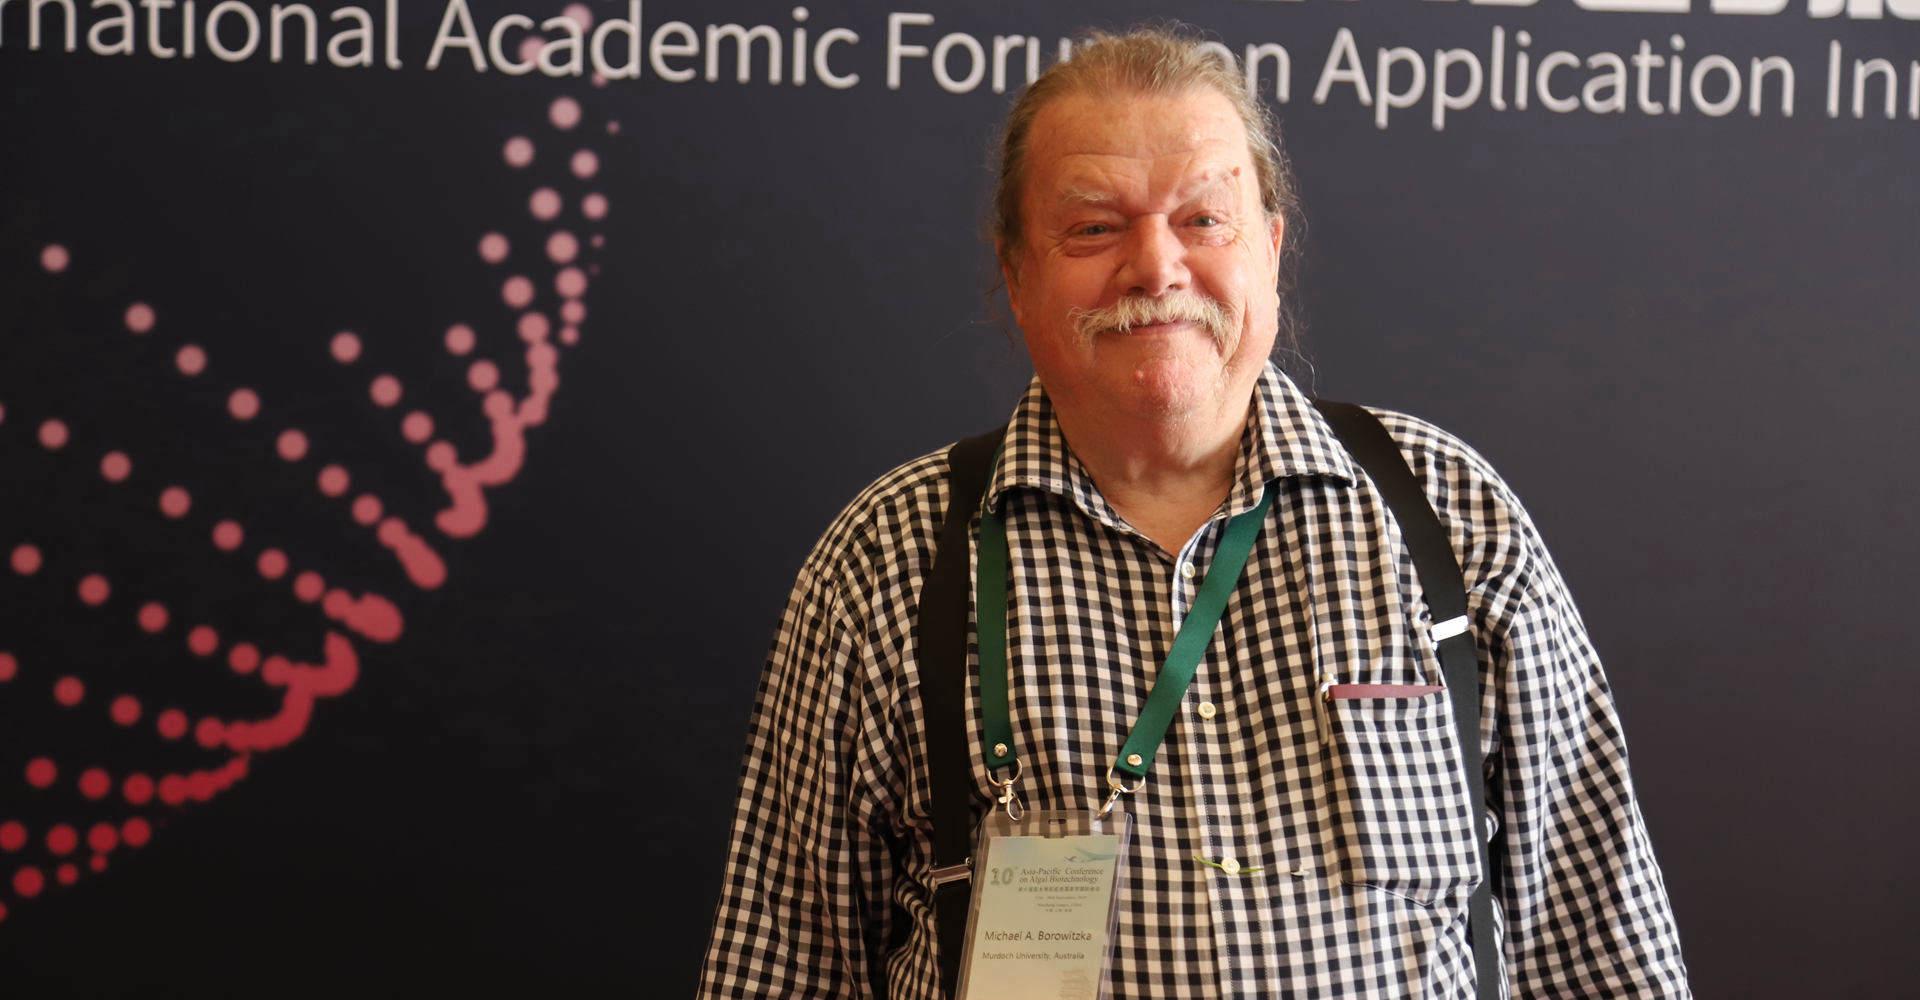 澳大利亚默多克大学海洋植物学教授兼藻类研发中心主任Michael A. Borowitzka教授接受采访